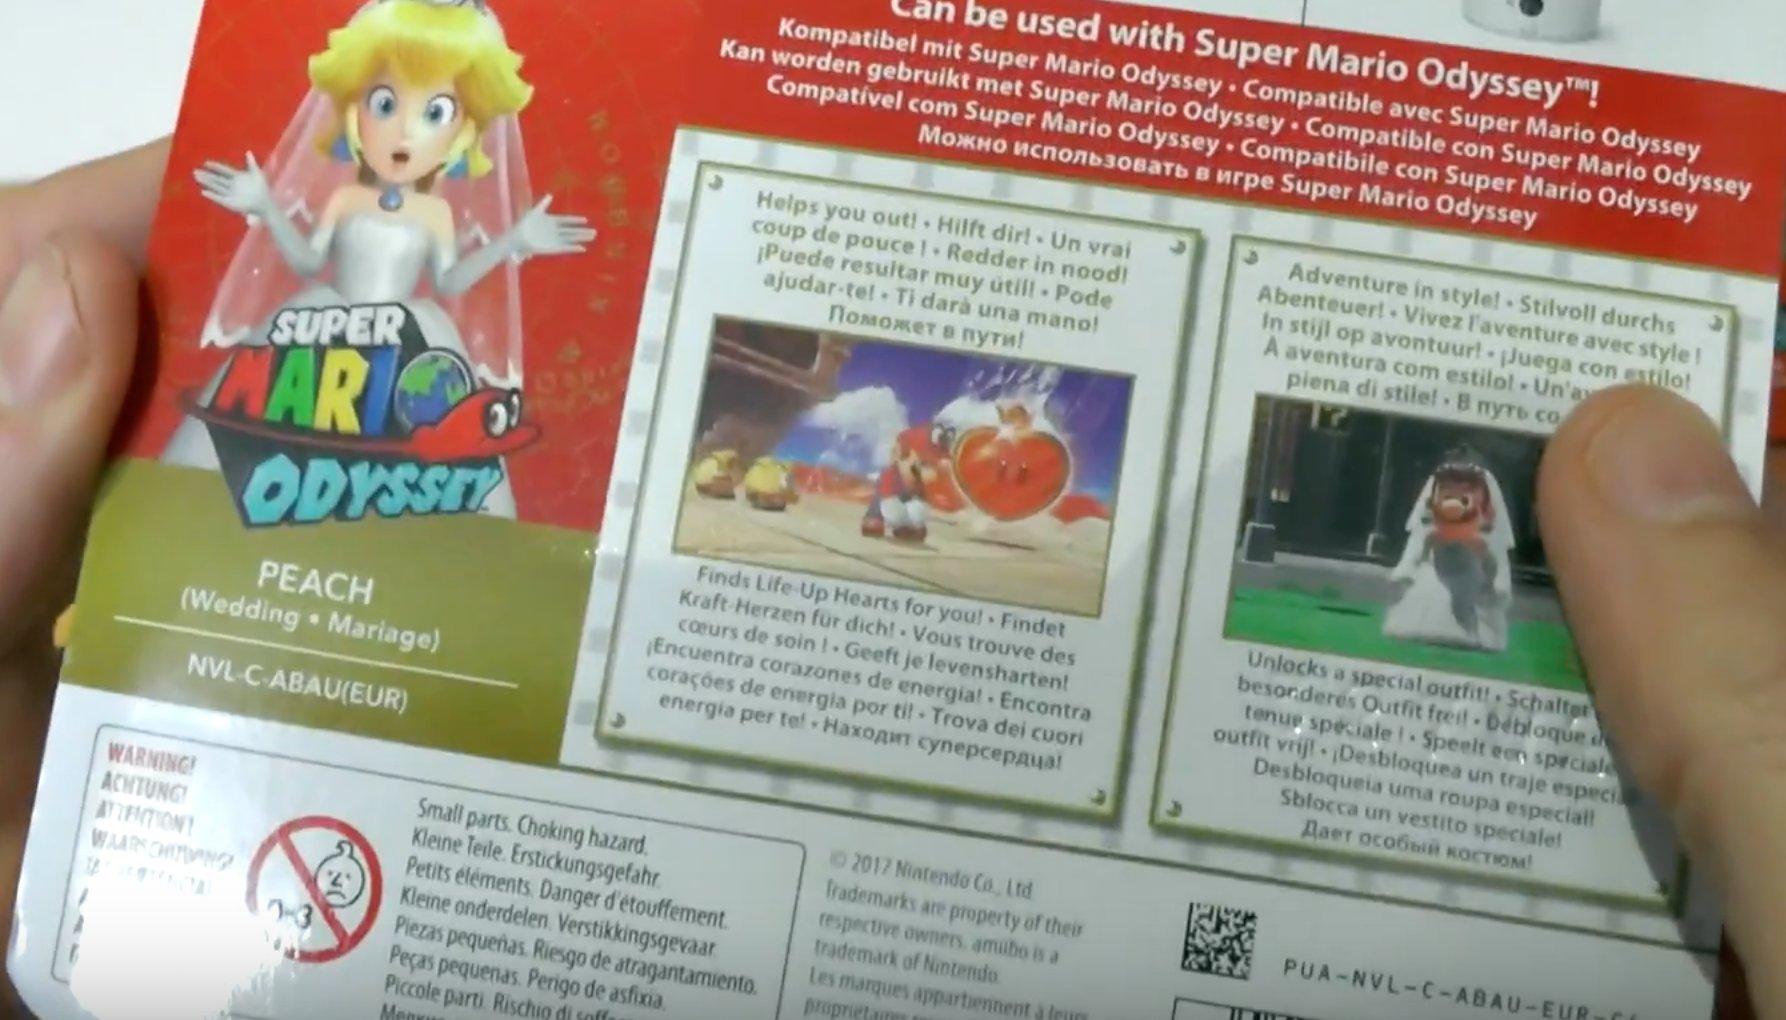 Super Mario Odyssey im neuen Video